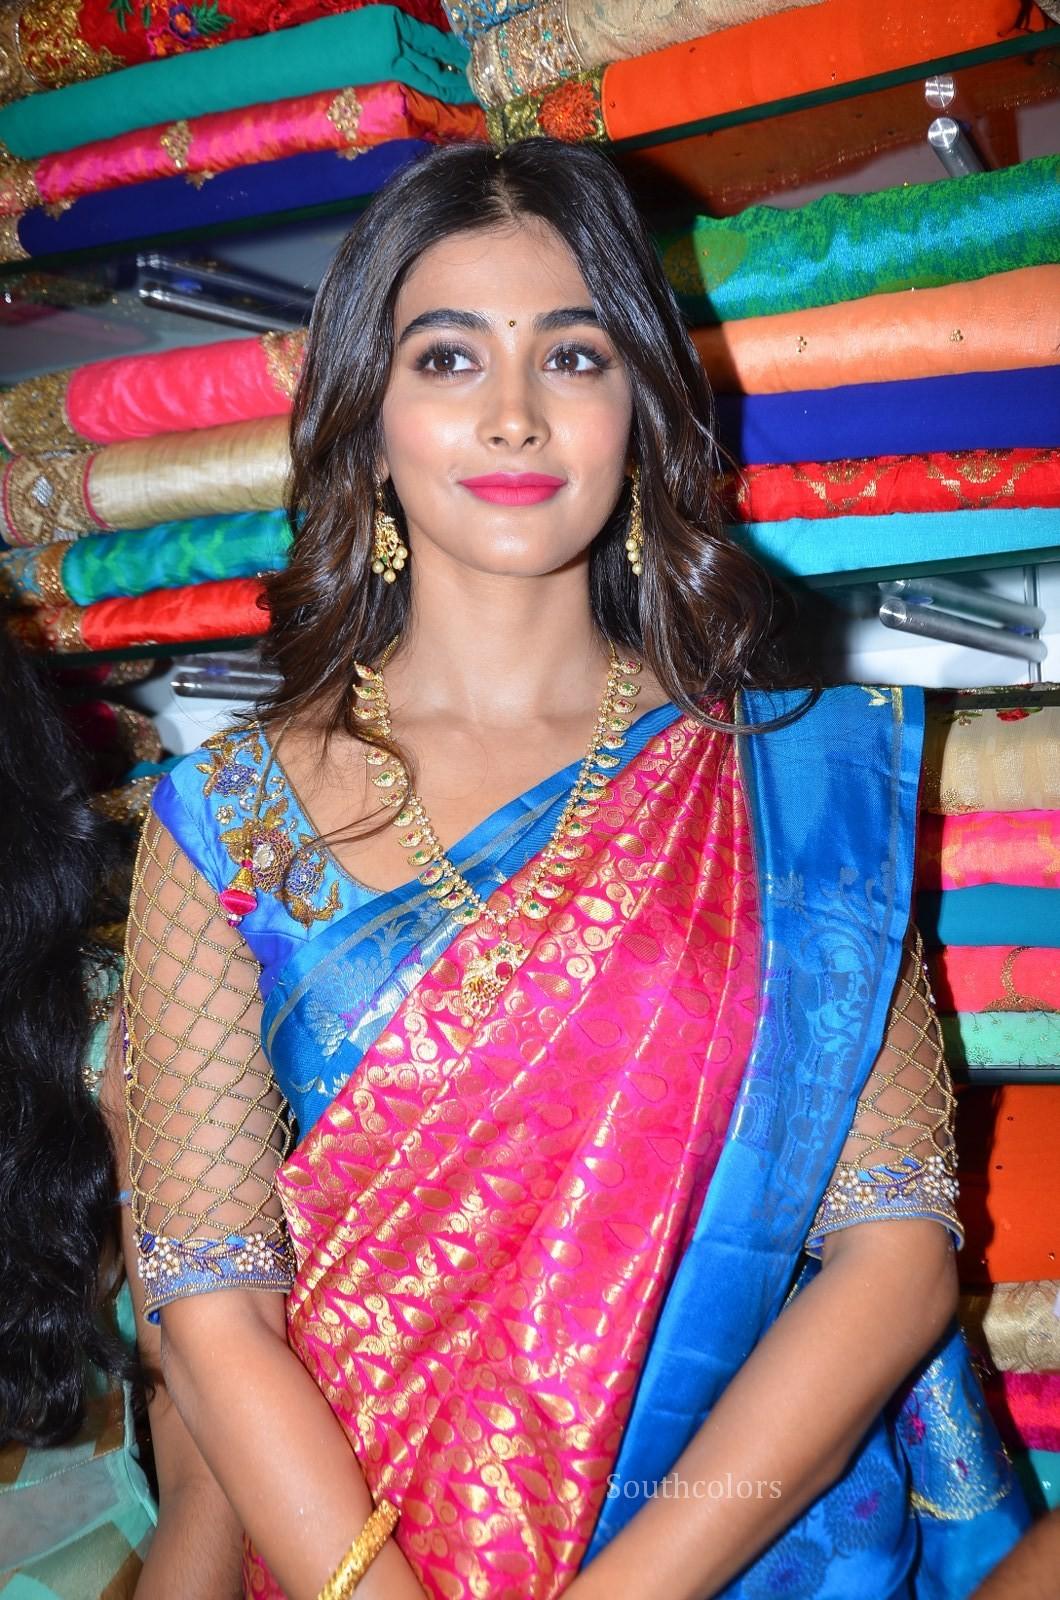 pooja hegde traditional saree photos southcolors 12